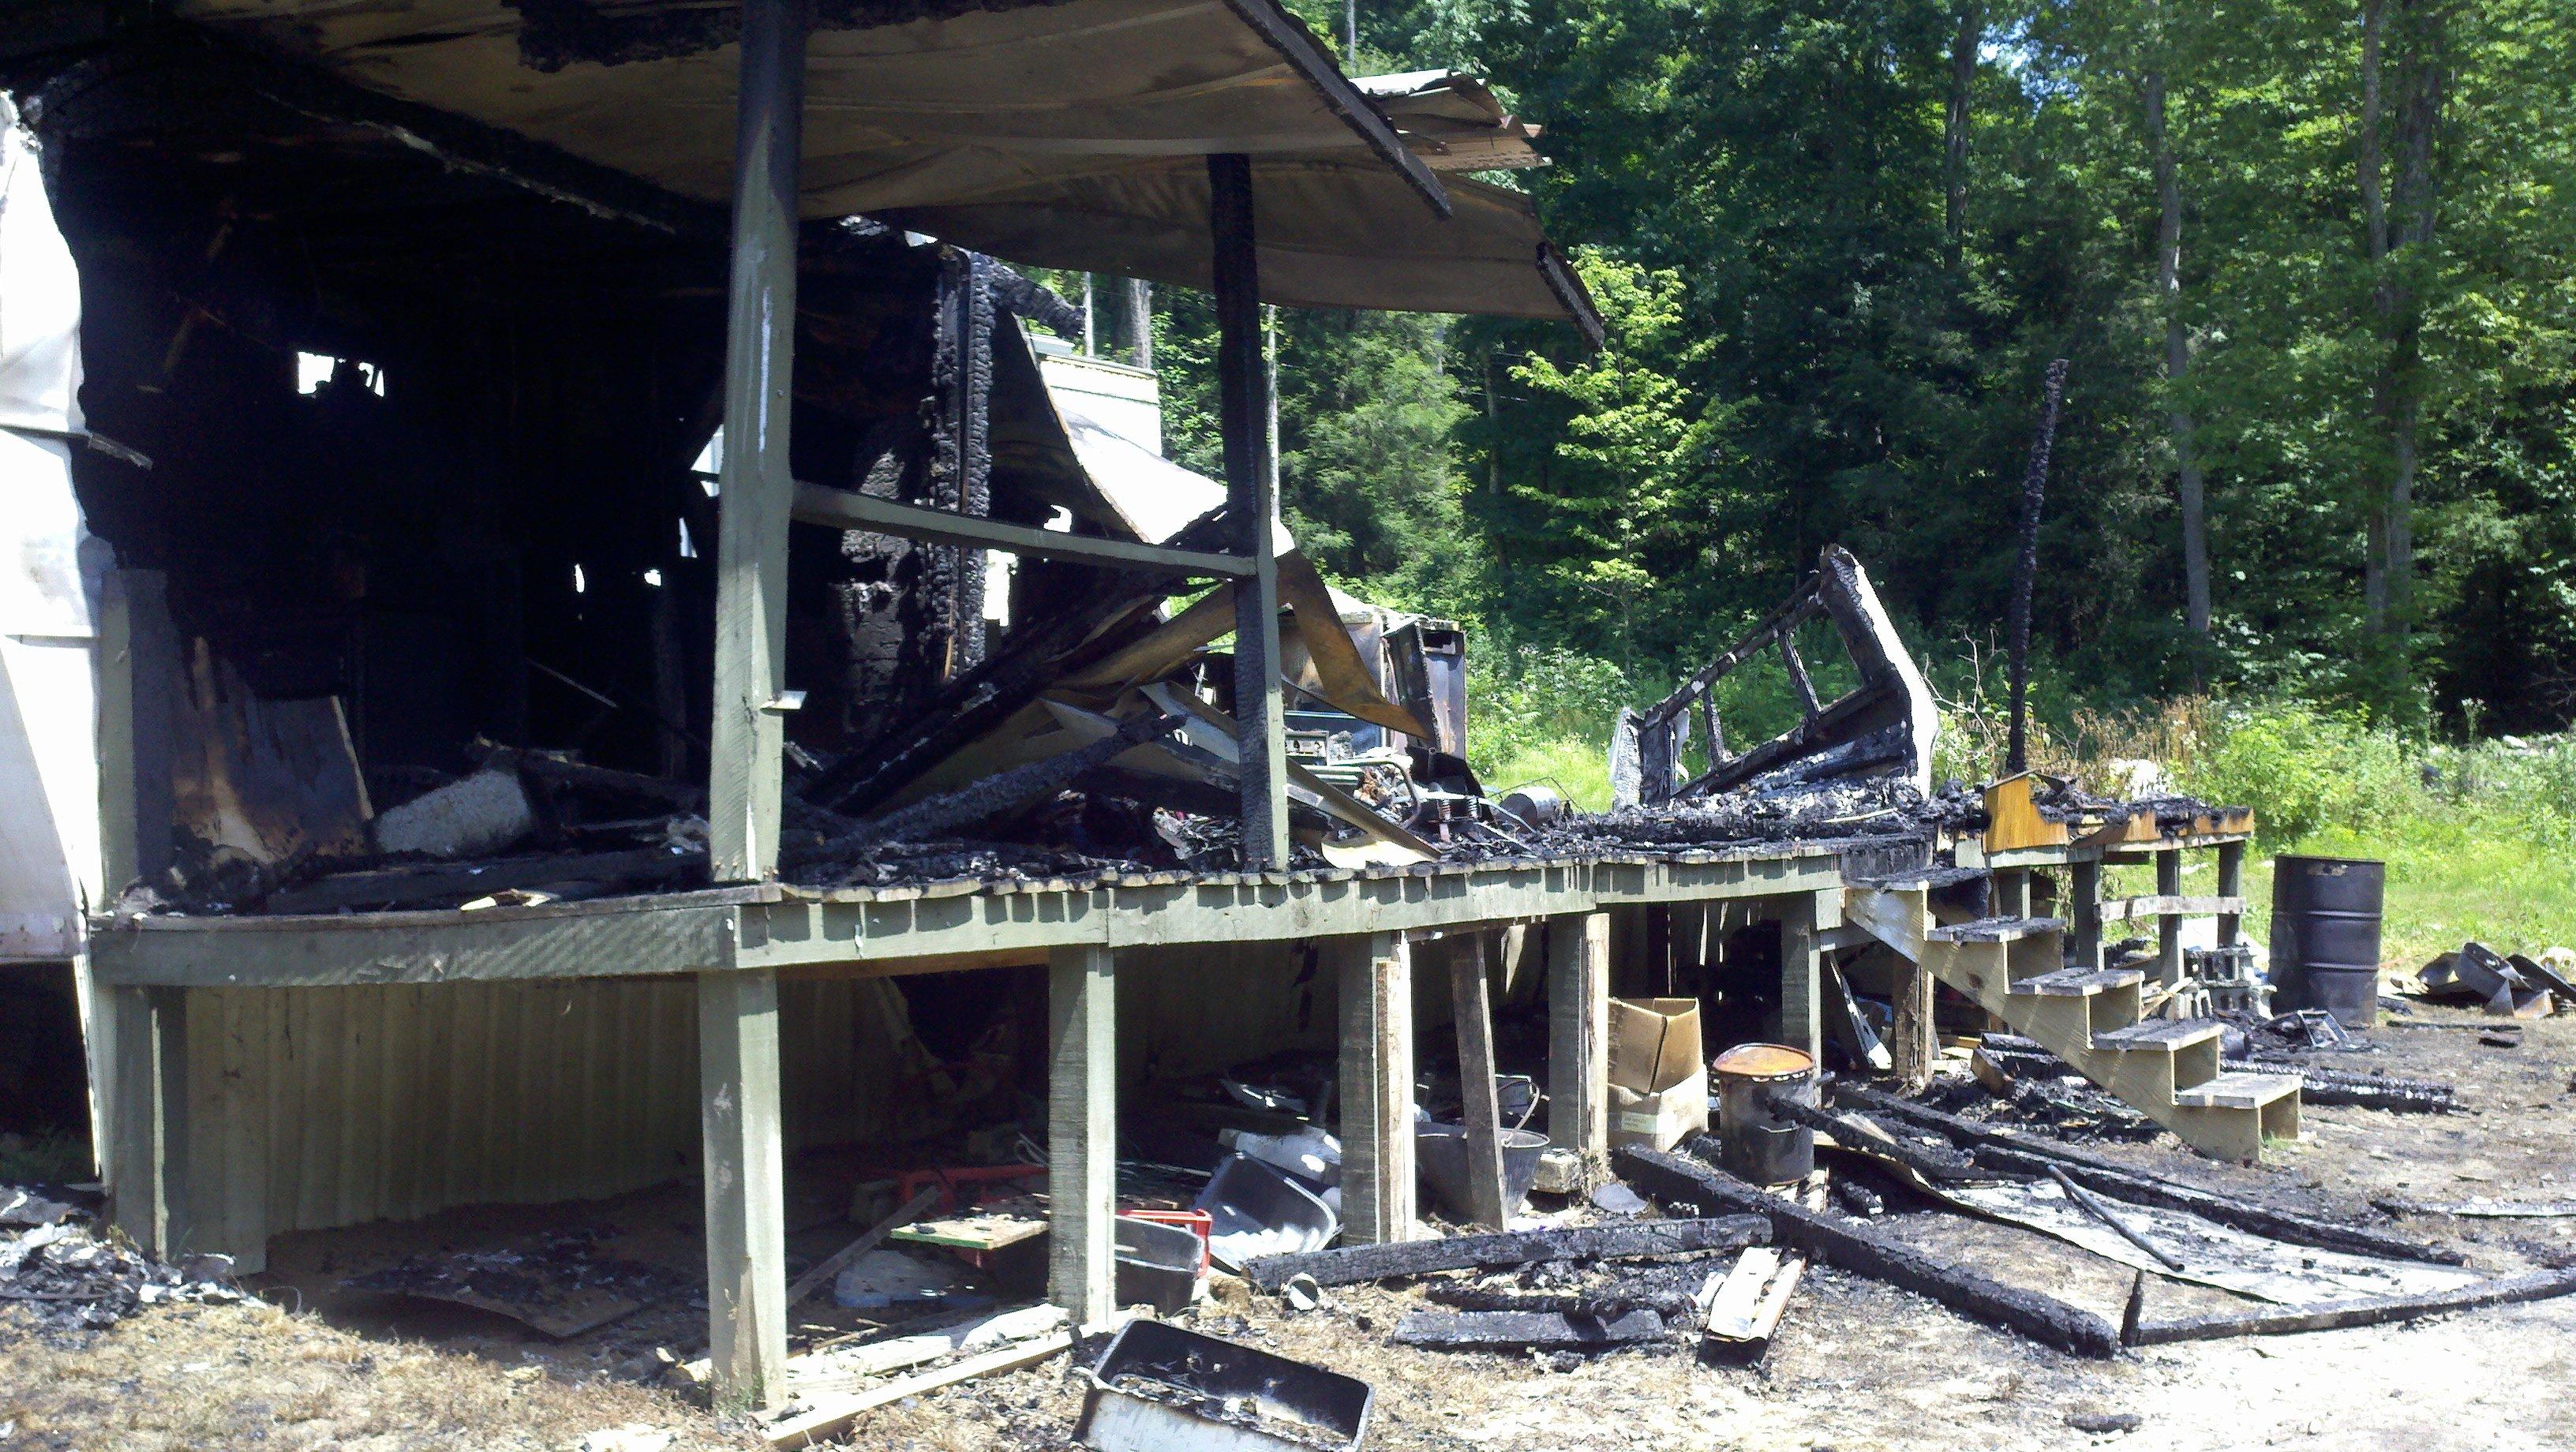 One man dead after randolph county fire wboy clarksburg